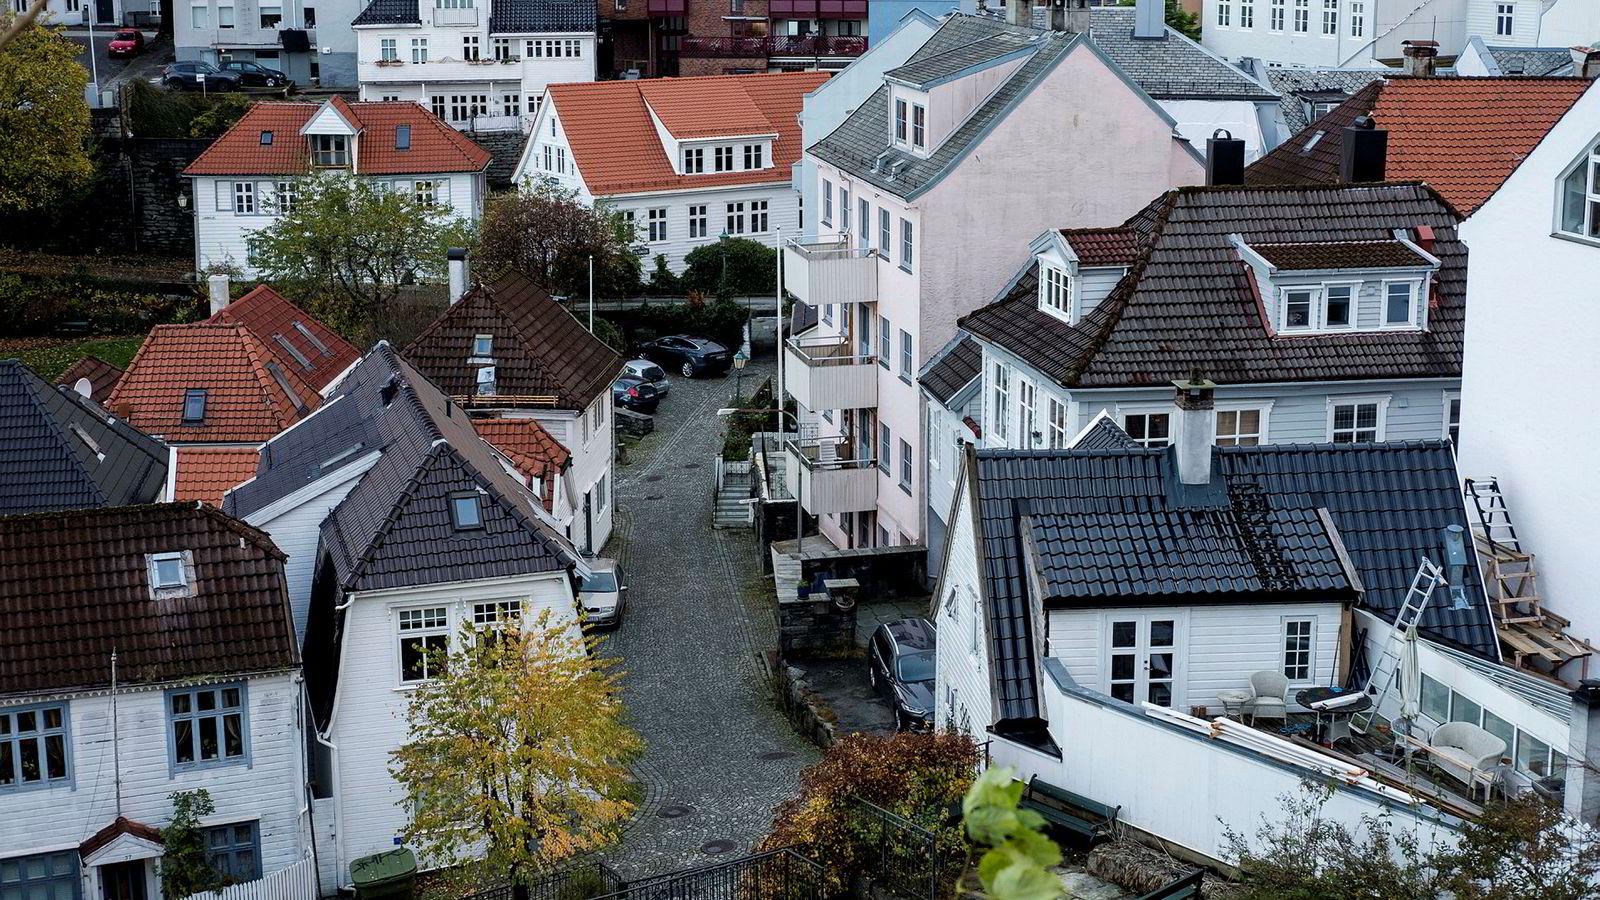 Samfunnsøkonomisk Analyse venter at boligprisene ikke vil holde tritt med den øvrige prisstigningen frem mot 2021. Bildet er fra Bergen.